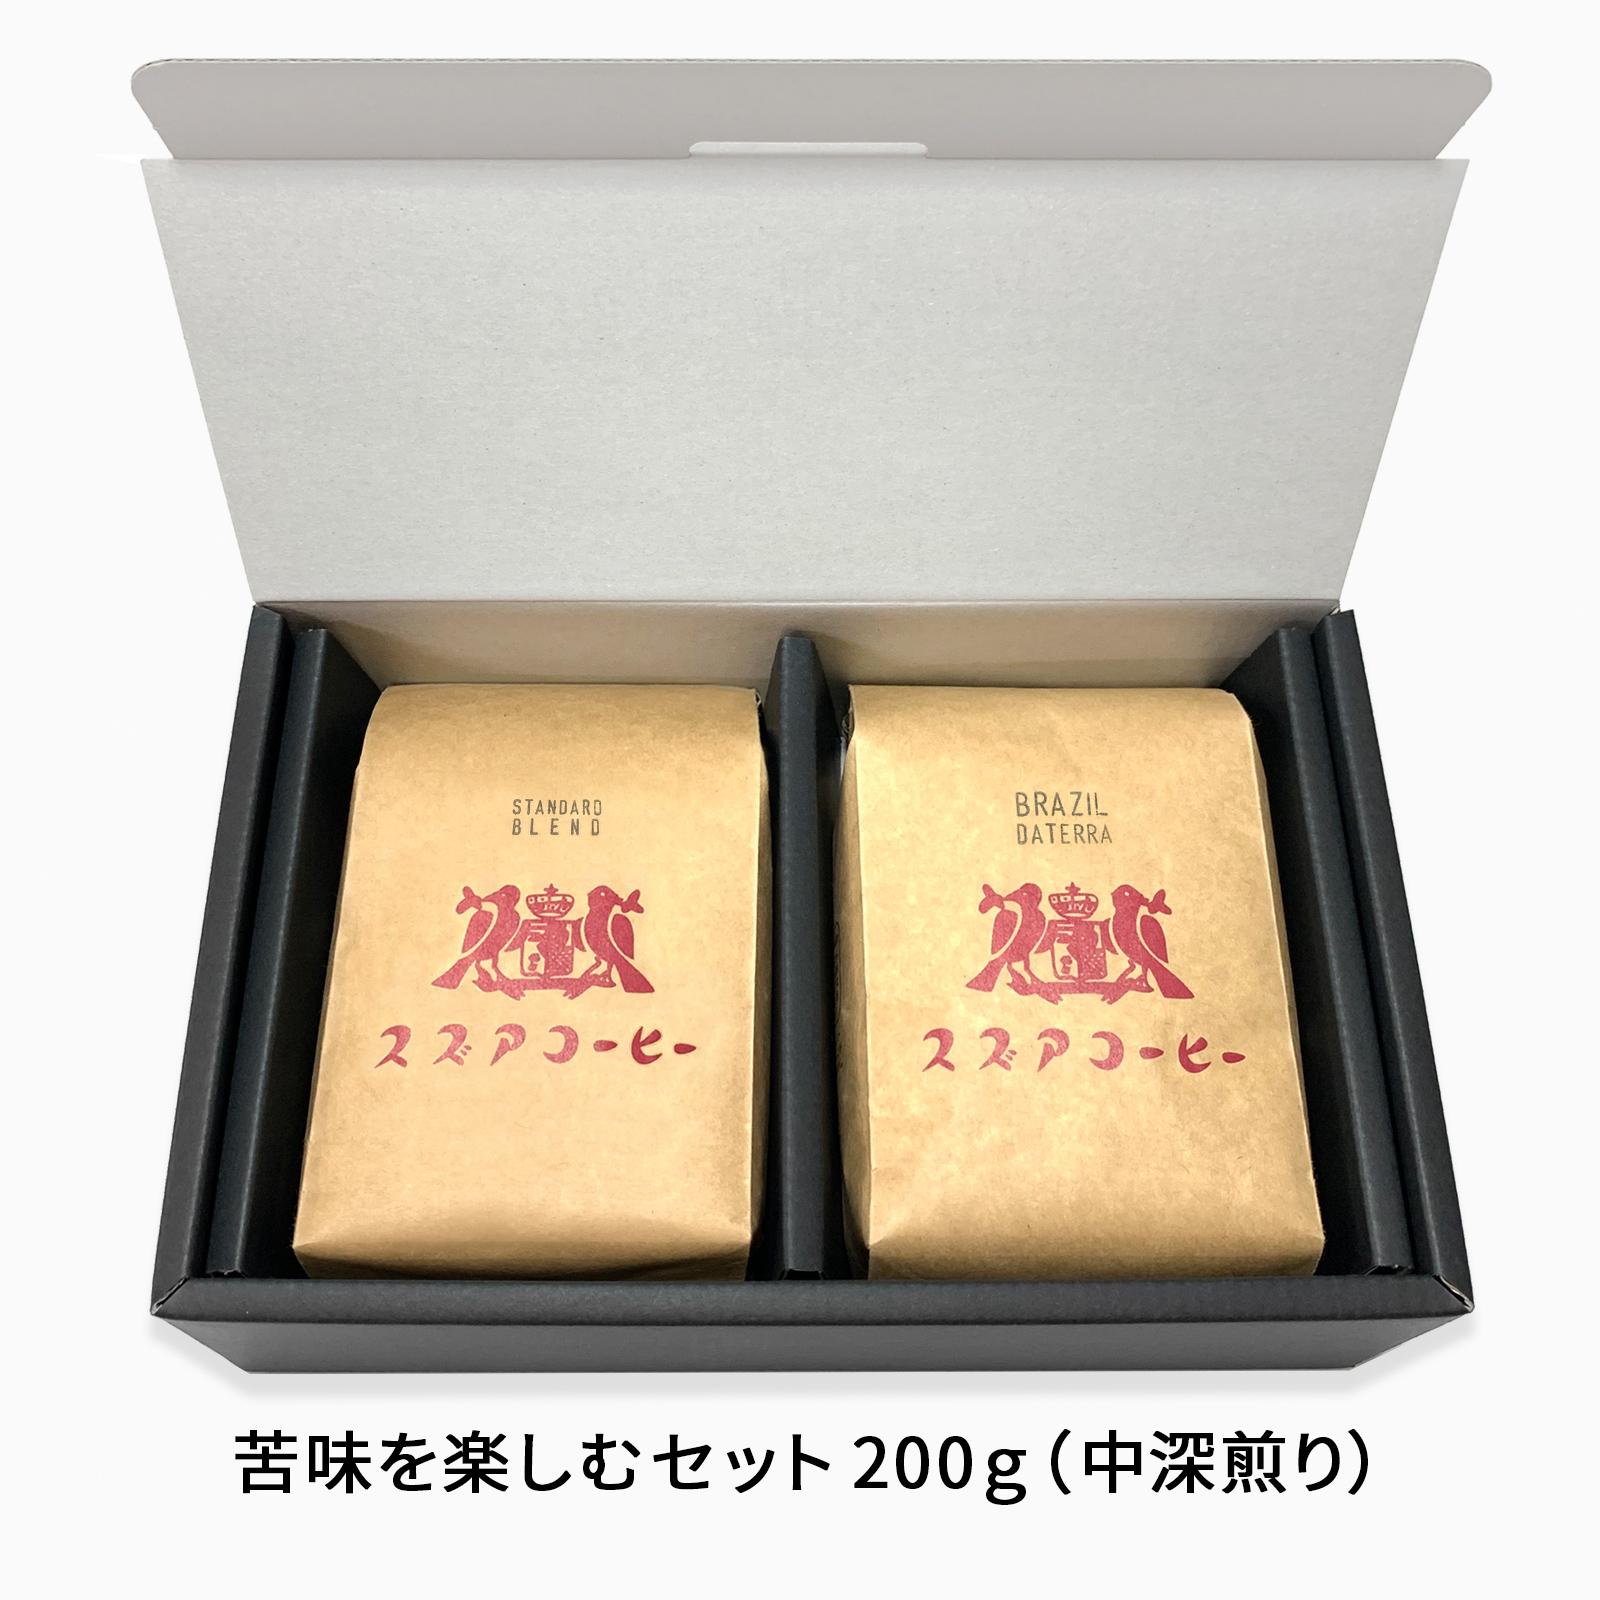 苦味を楽しむストレートセット200g(深煎り & 中深煎り)